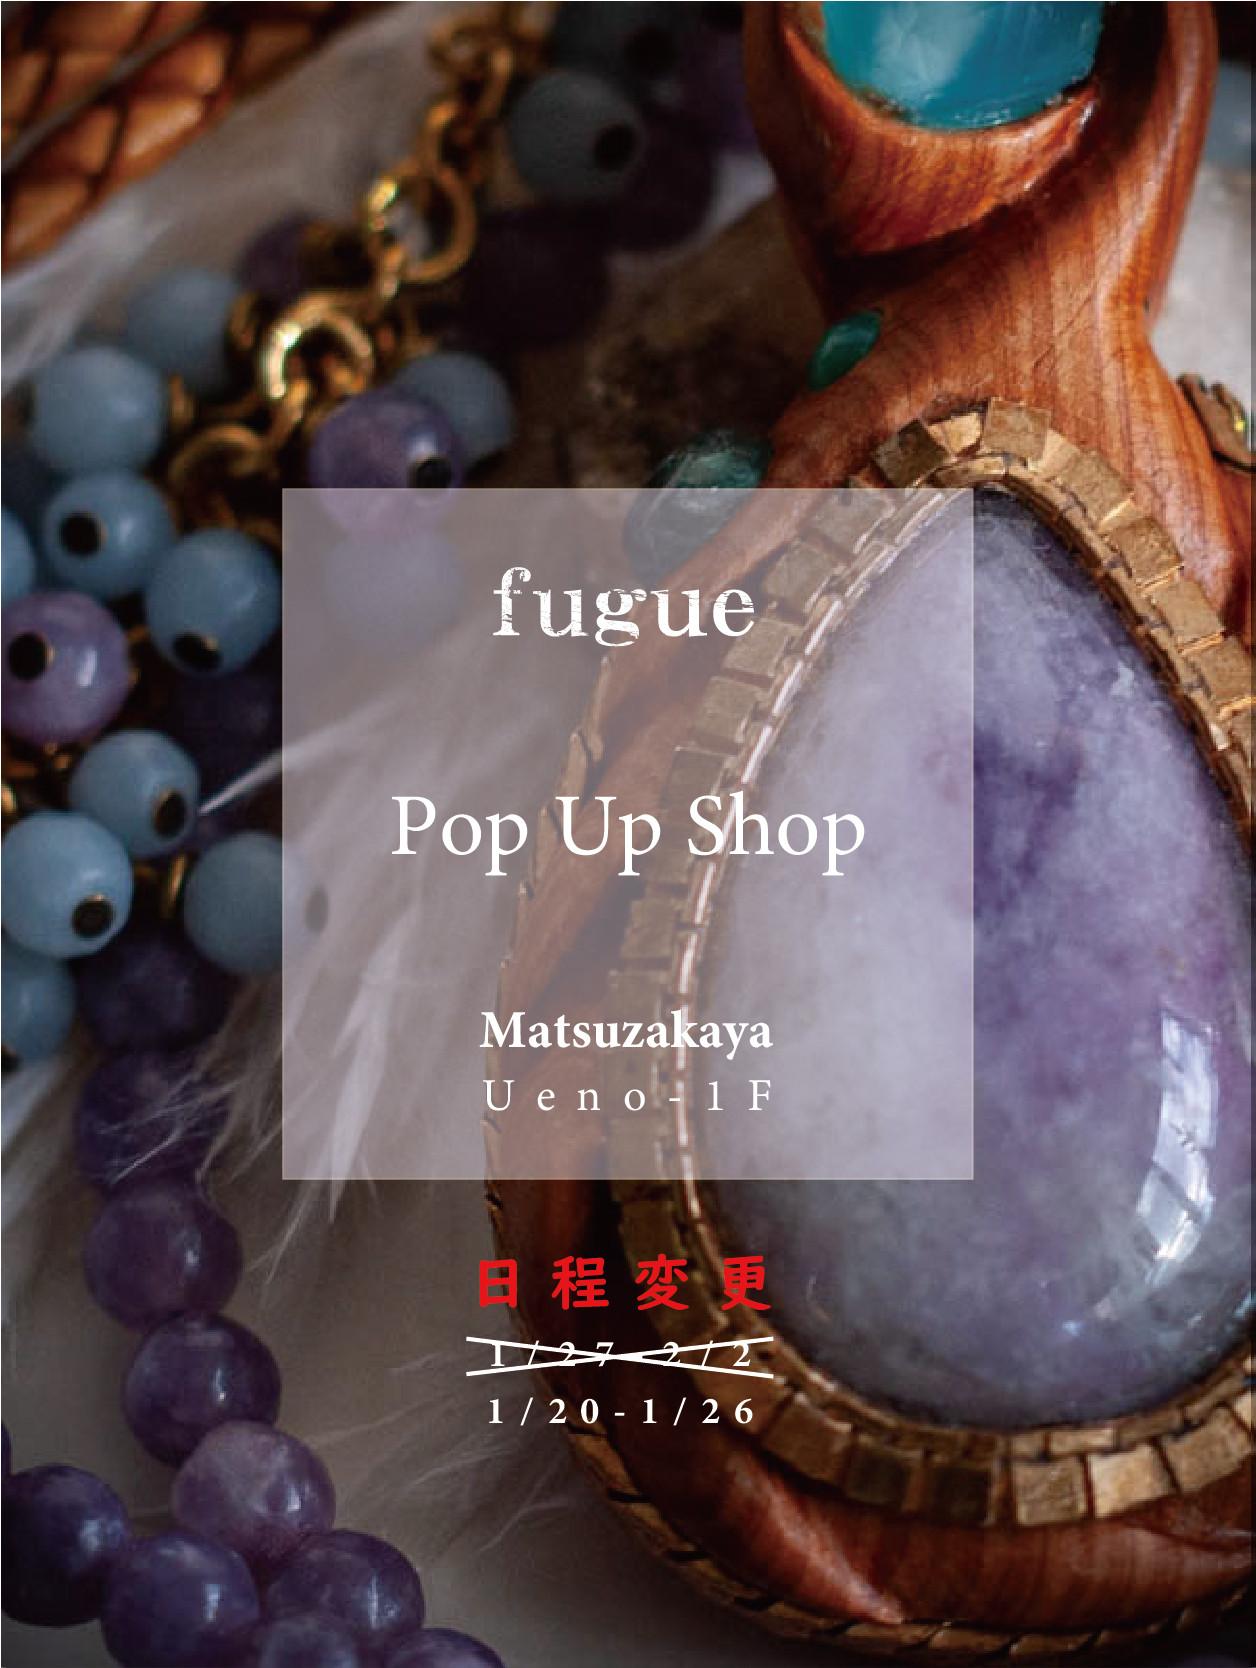 【イベント】<日程変更>Pop Up Shop @上野松坂屋